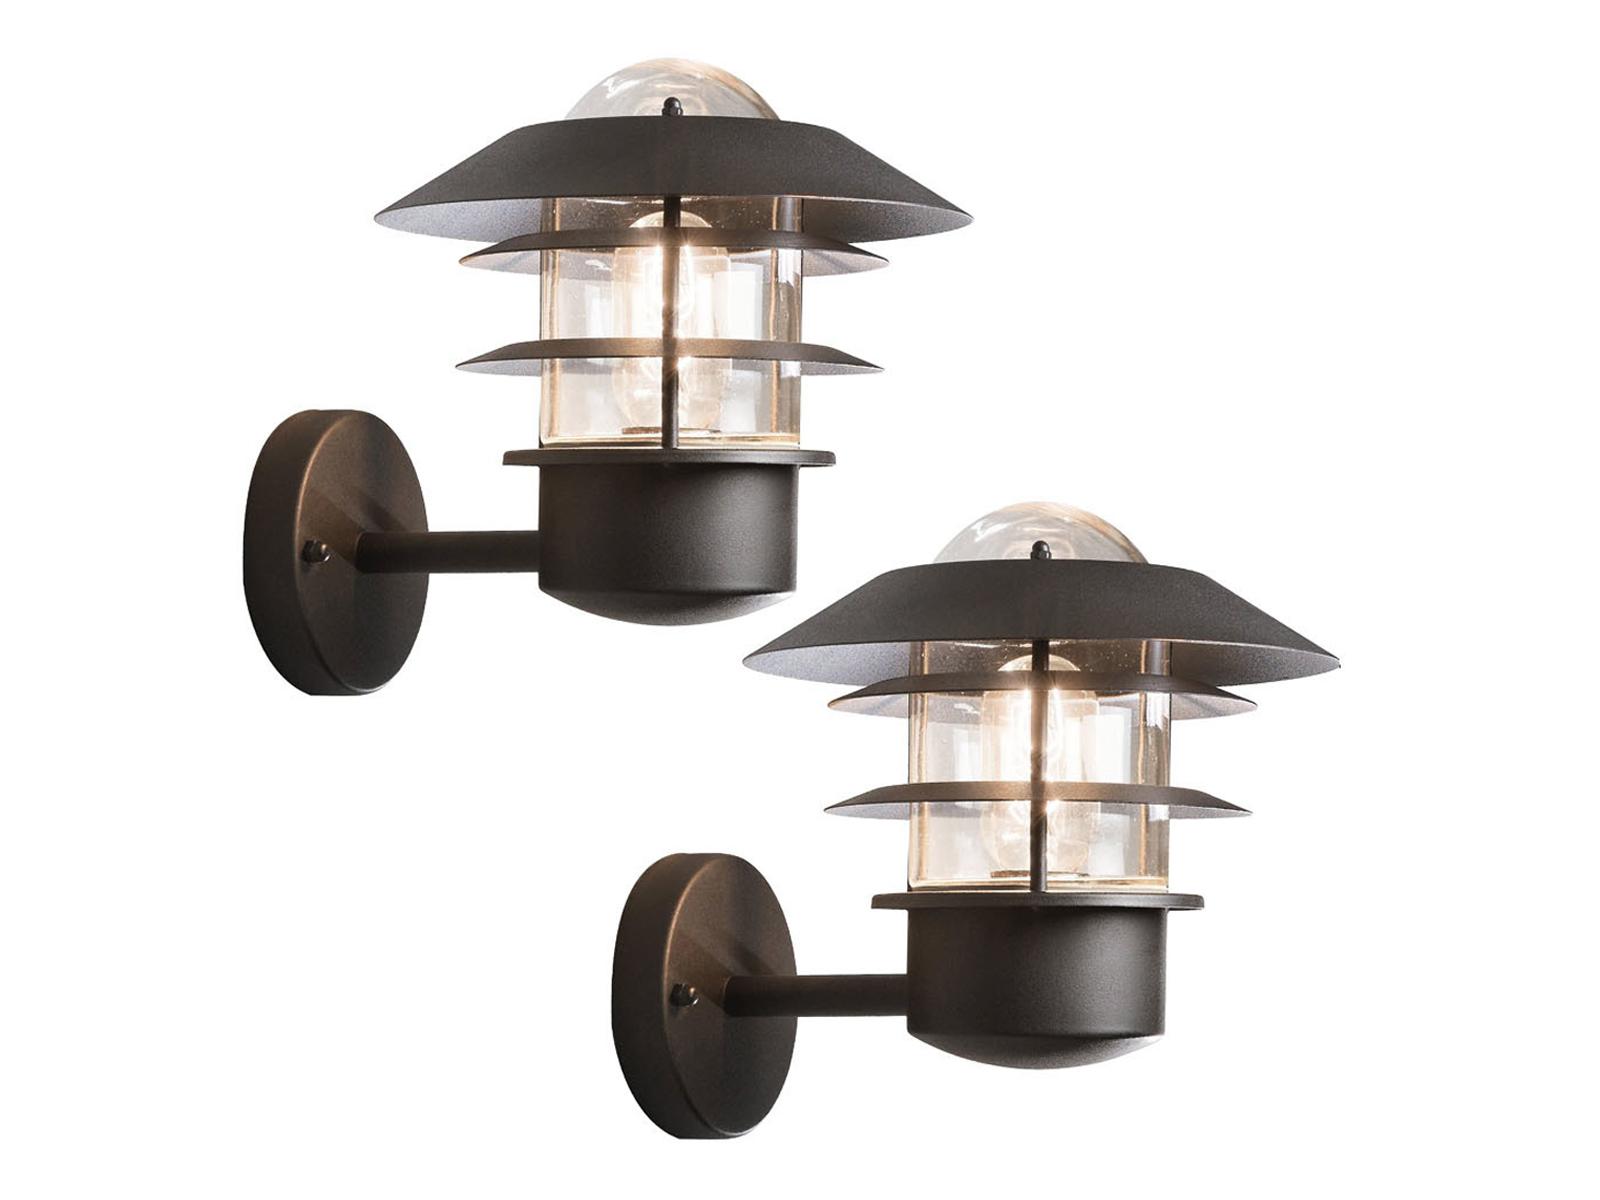 2er-Set Wandleuchten MODENA Aluminium schwarz, E27, Höhe 24 cm, cm, cm, IP44 | Schön und charmant  | Zu verkaufen  | Die erste Reihe von umfassenden Spezifikationen für Kunden  c1f296